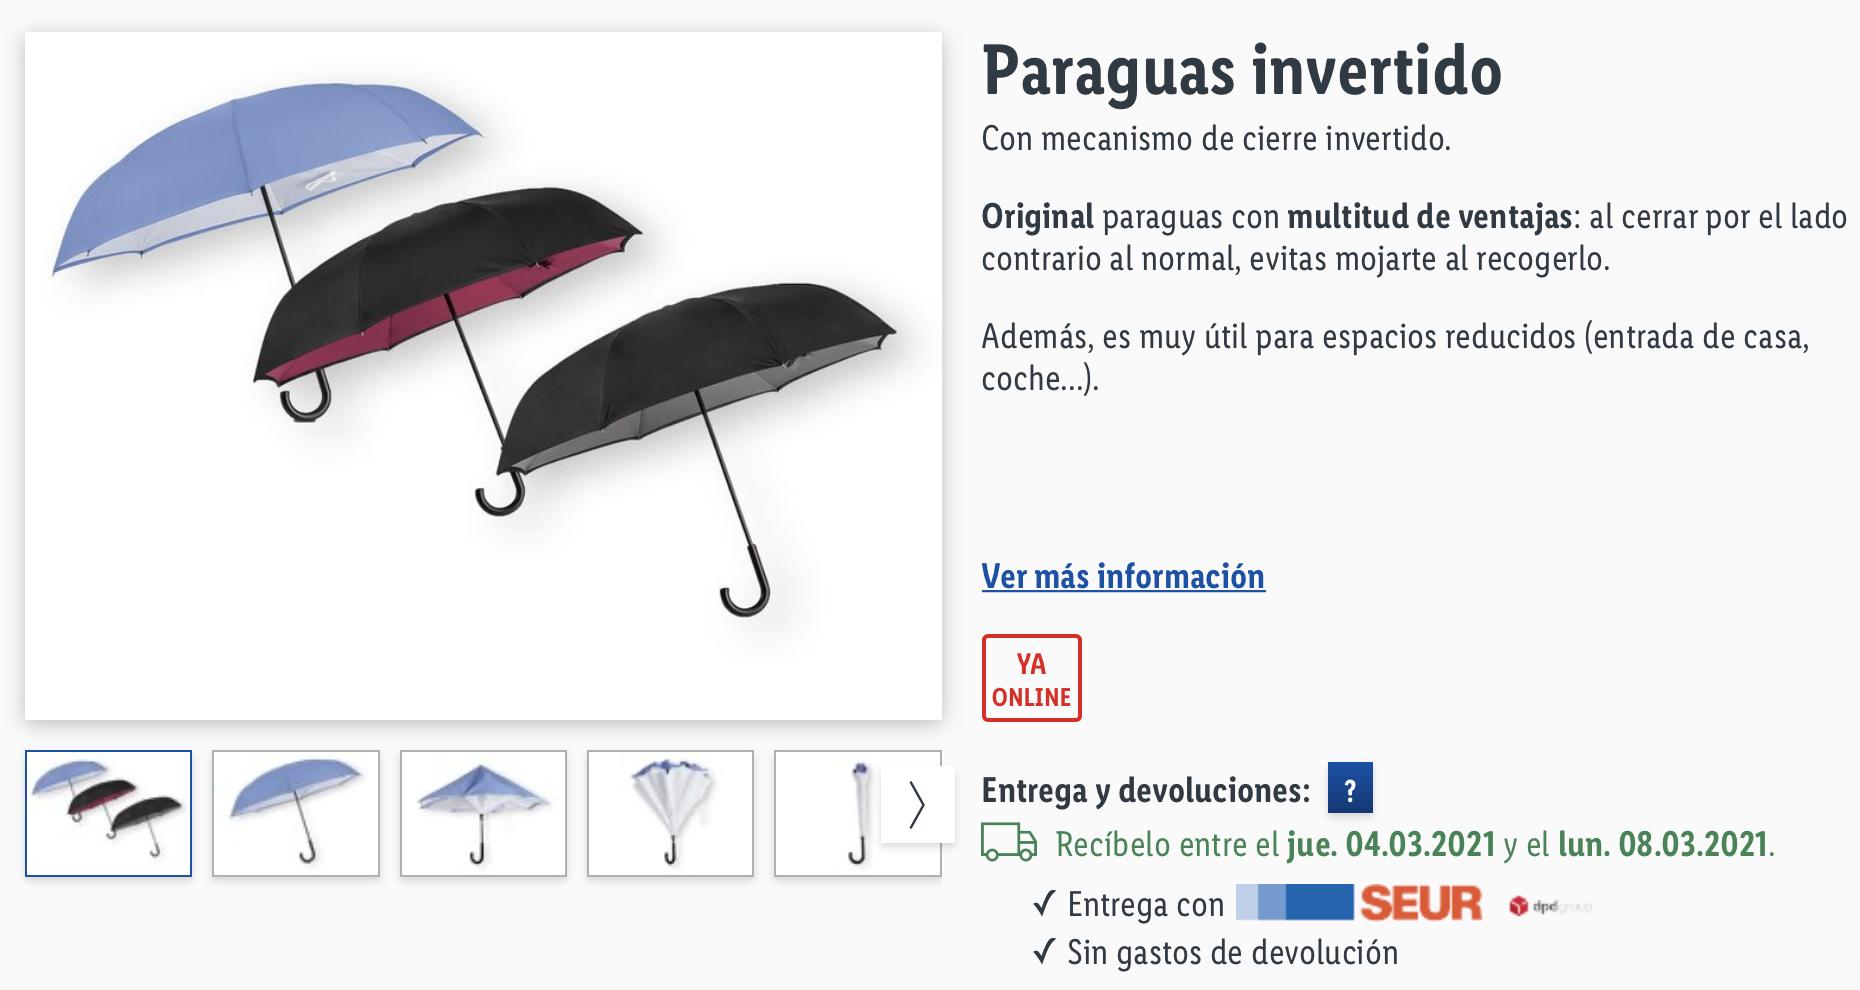 Paraguas invertidos Lidl